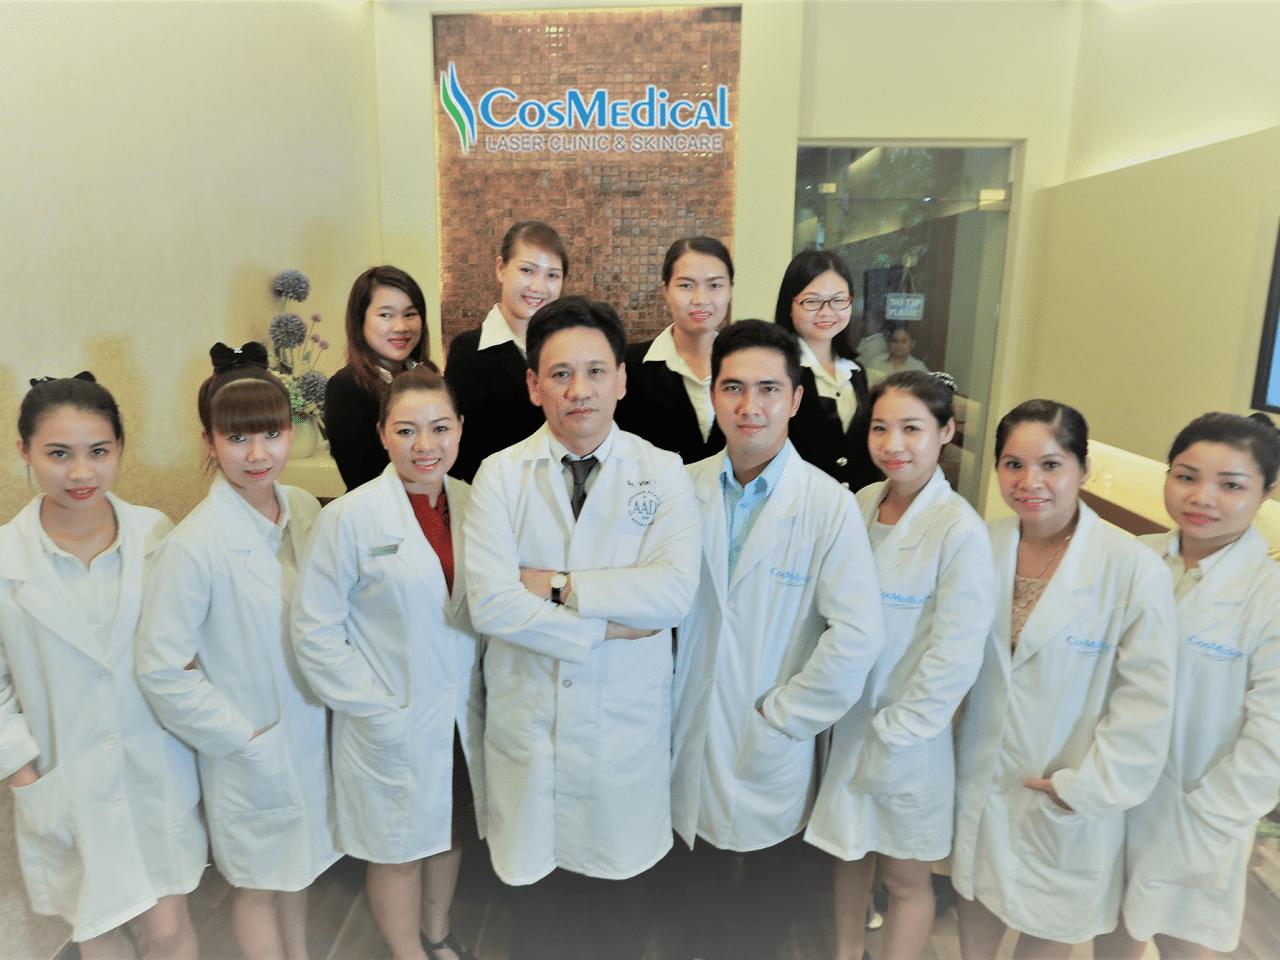 Đội ngũ Chuyên gia, Bác sĩ tay nghề cao tại CosMedical Clinic